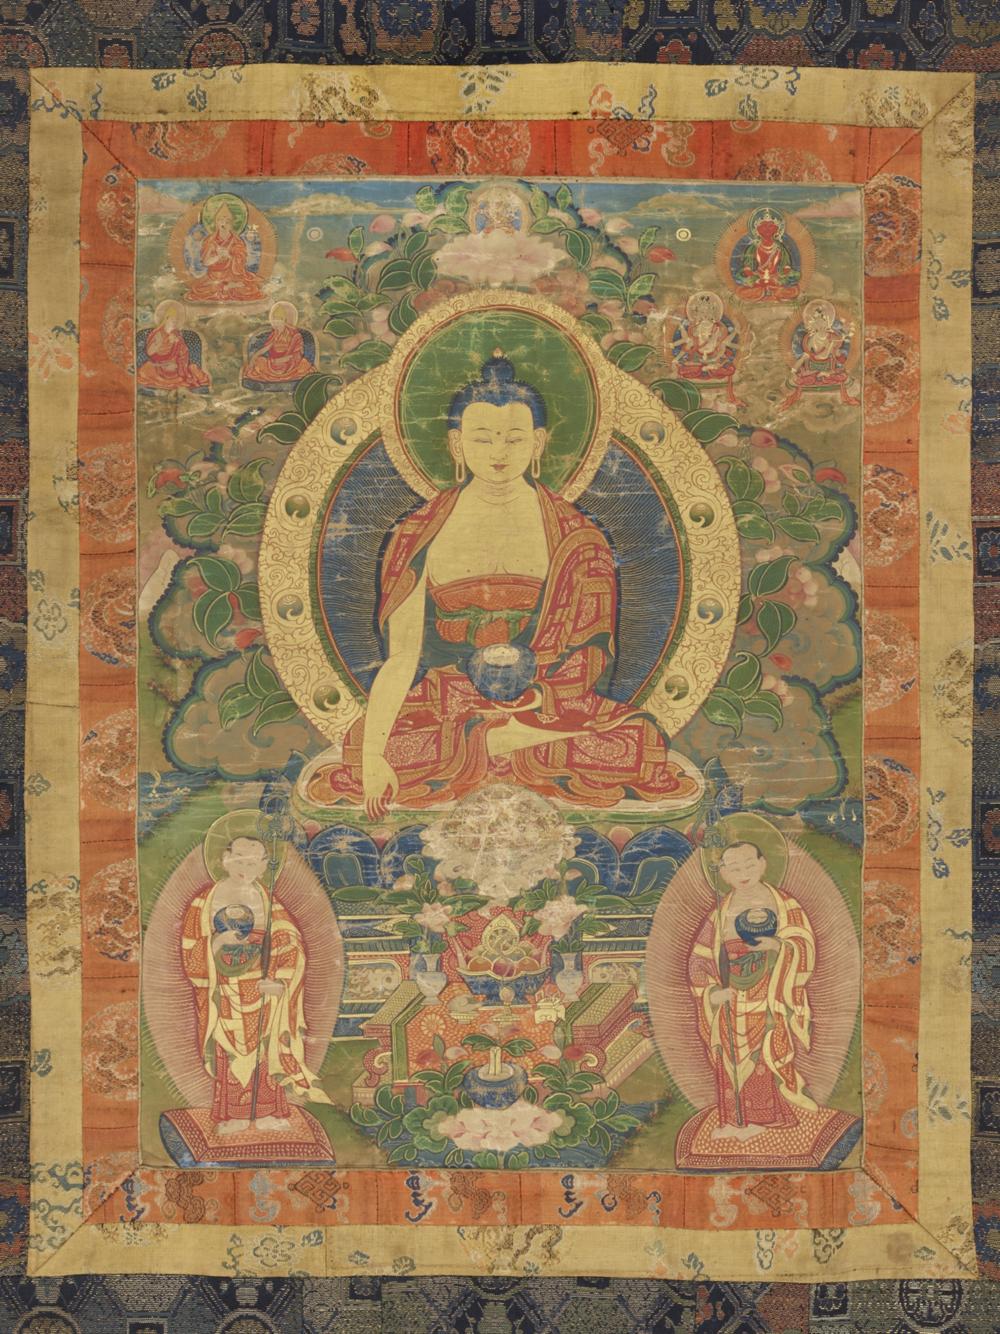 Buddha Shakyamuni  Aus einer Serie von 7 Thangkas mit Buddha Shakyamuni und den 18 Arhats